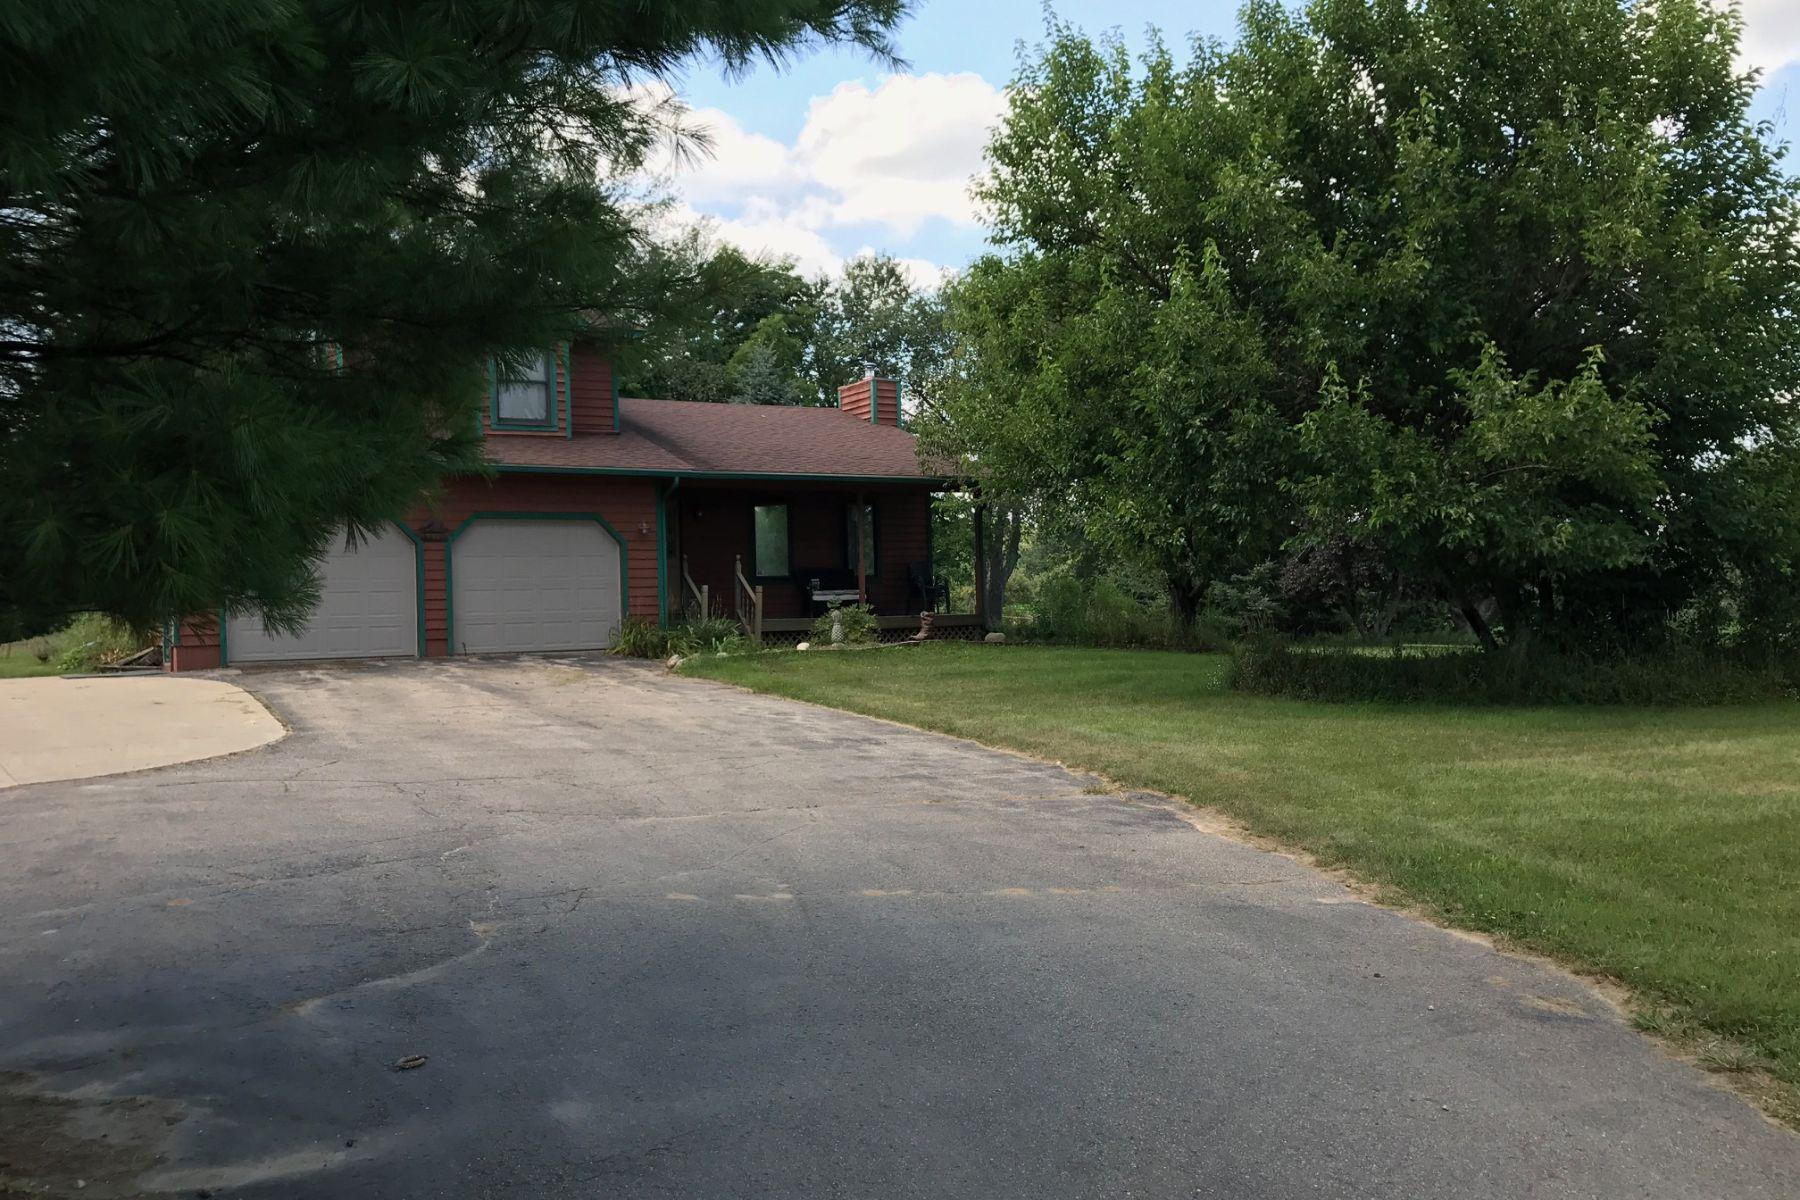 Casa Unifamiliar por un Venta en Dryden Twp 3248 Hosner Rd Dryden, Michigan 48428 Estados Unidos